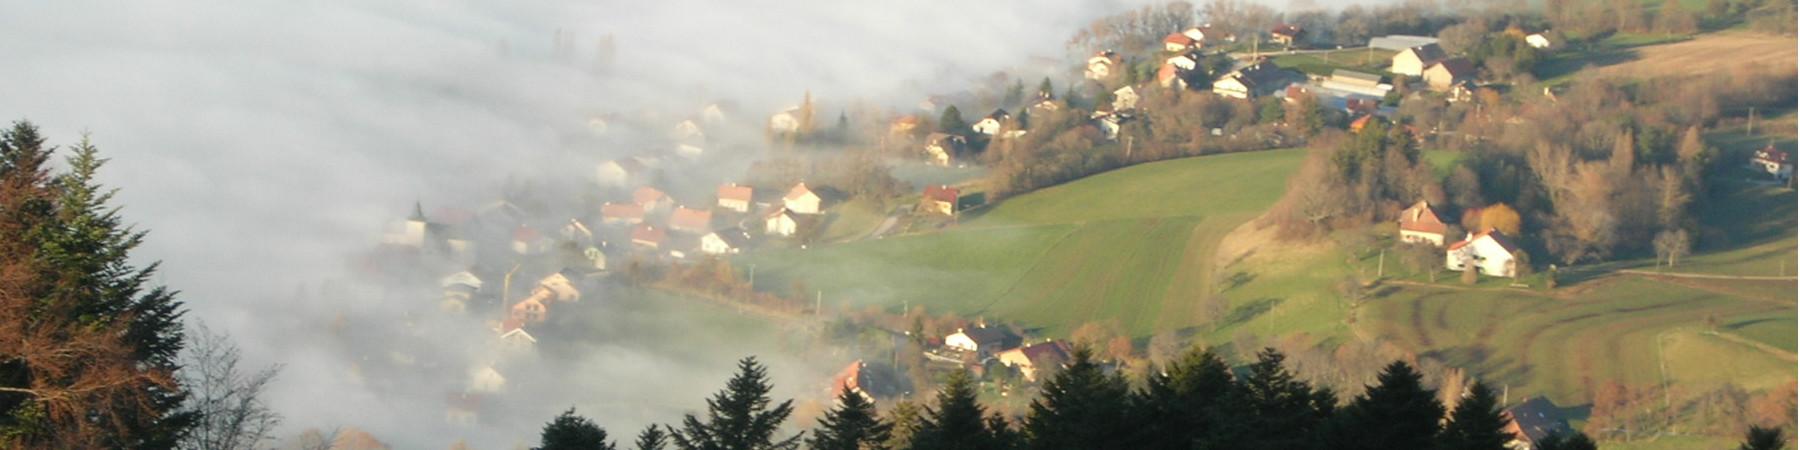 Beaumont dans la brume